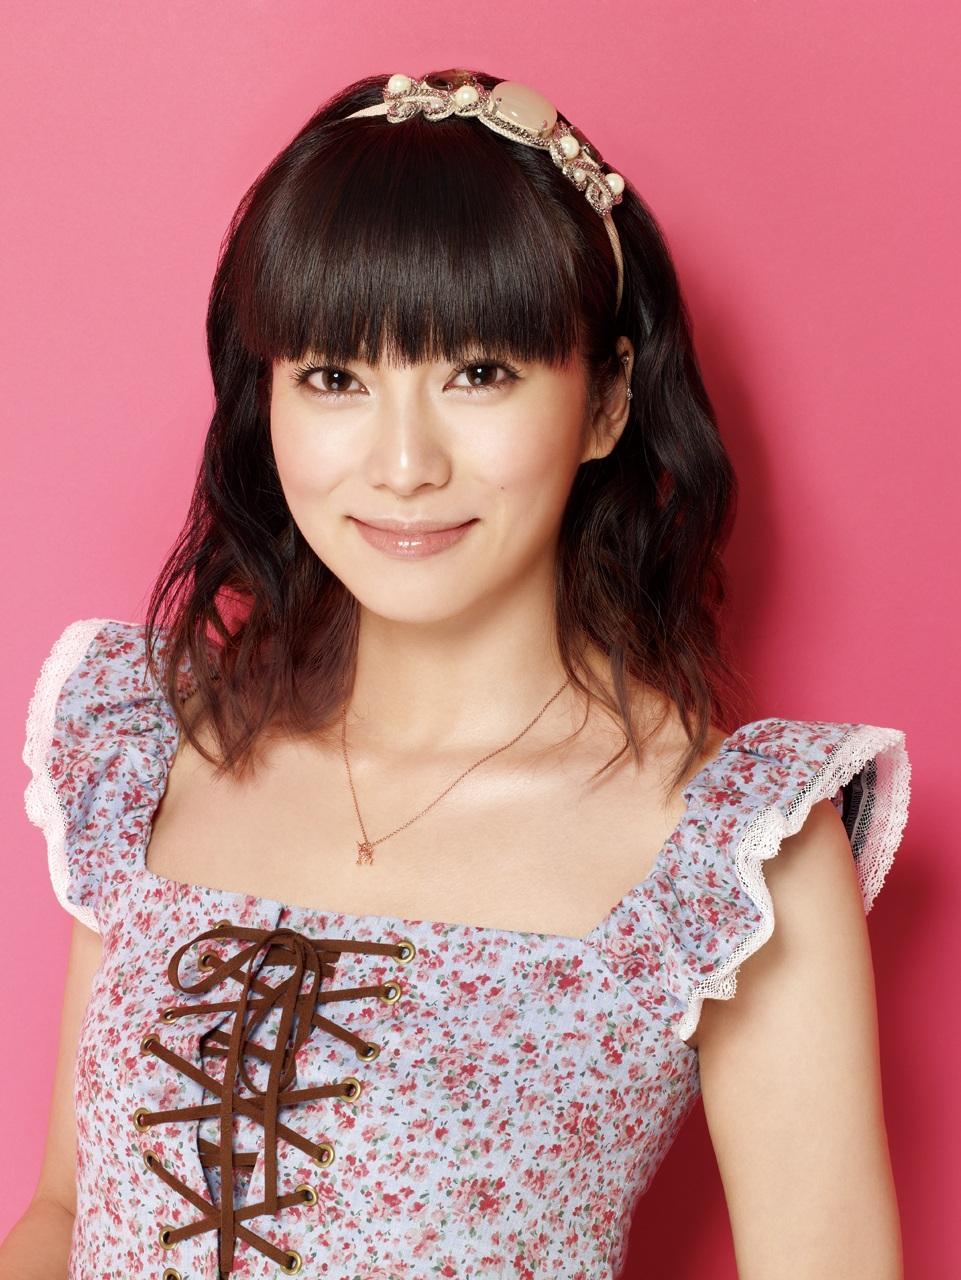 Actress Ko Shibasaki - age: 35